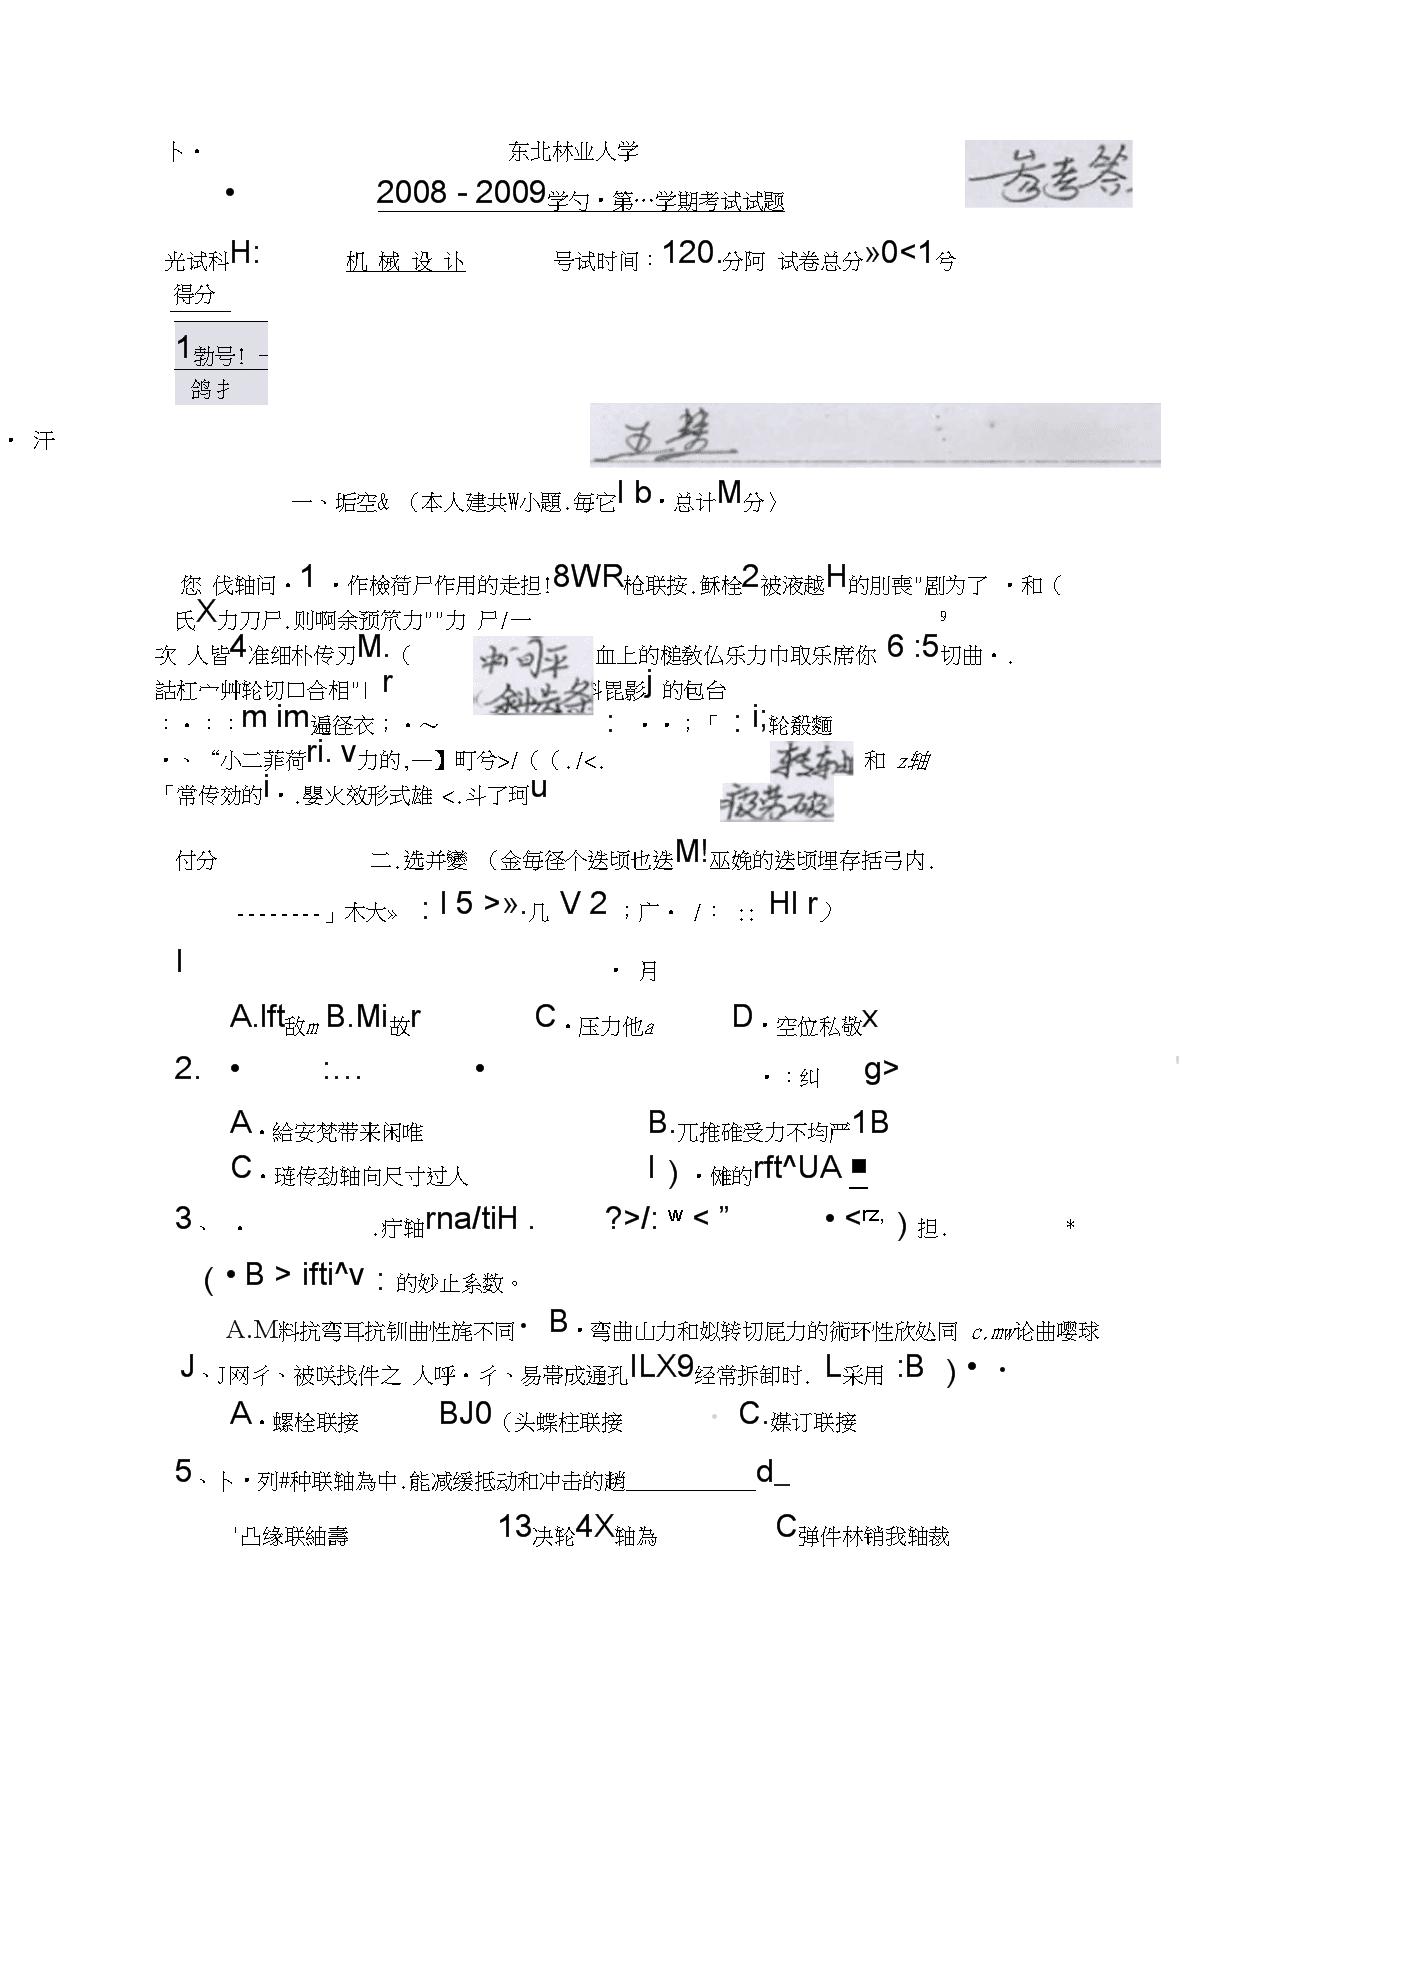 东北林业大学机械设计基础试题复习资料.docx